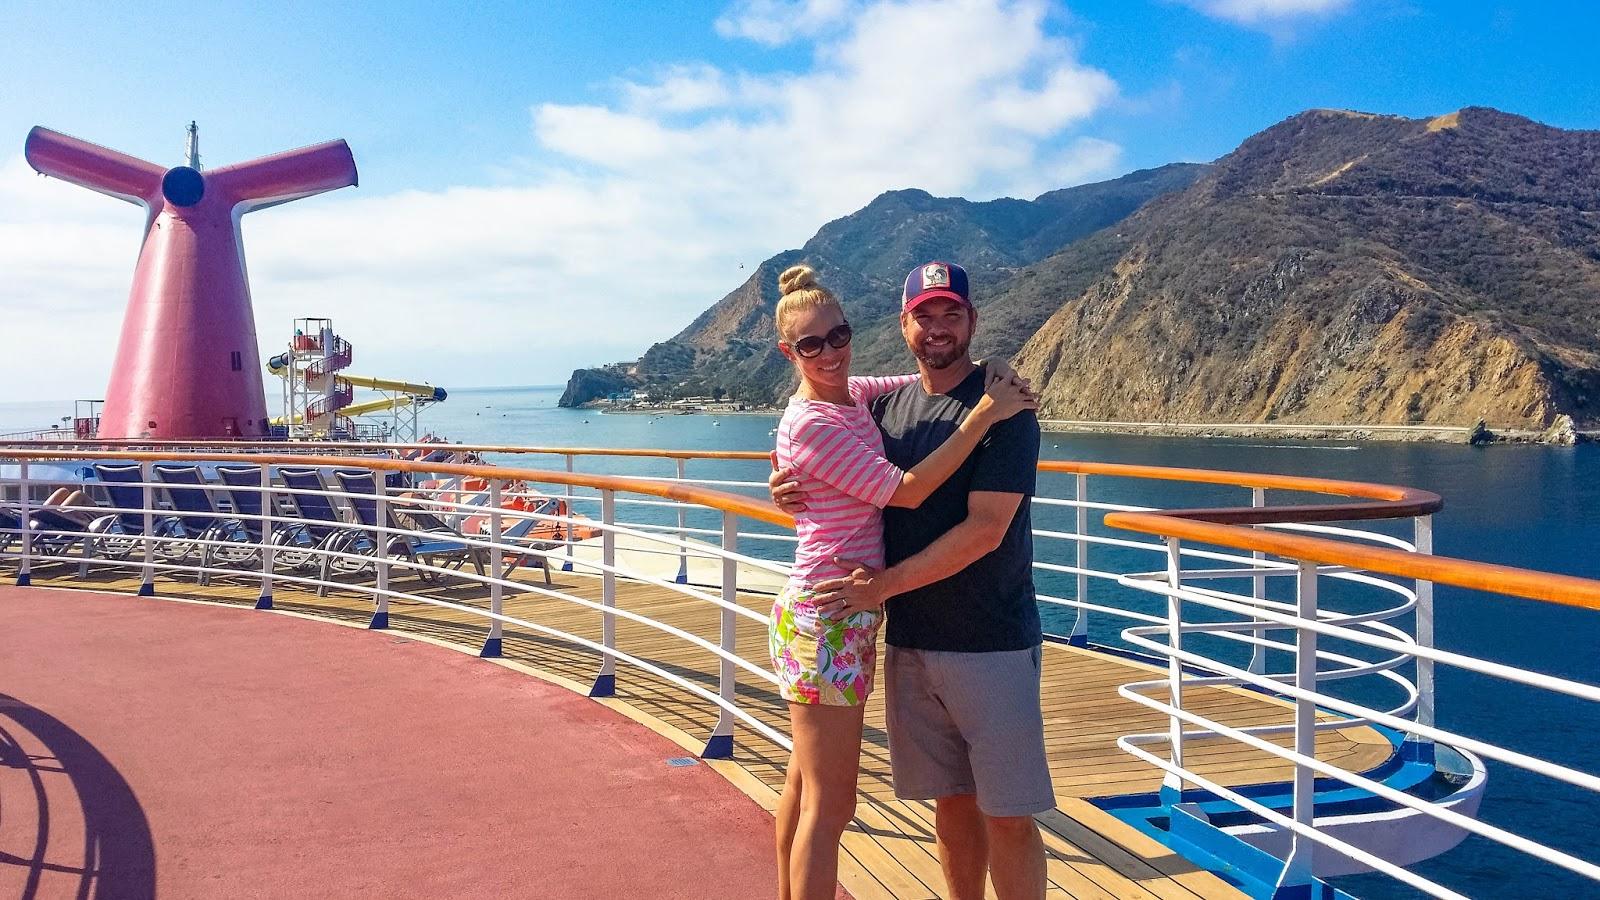 Carnival Cruise Imagination To Catalina Ensenada - Cruise to ensenada